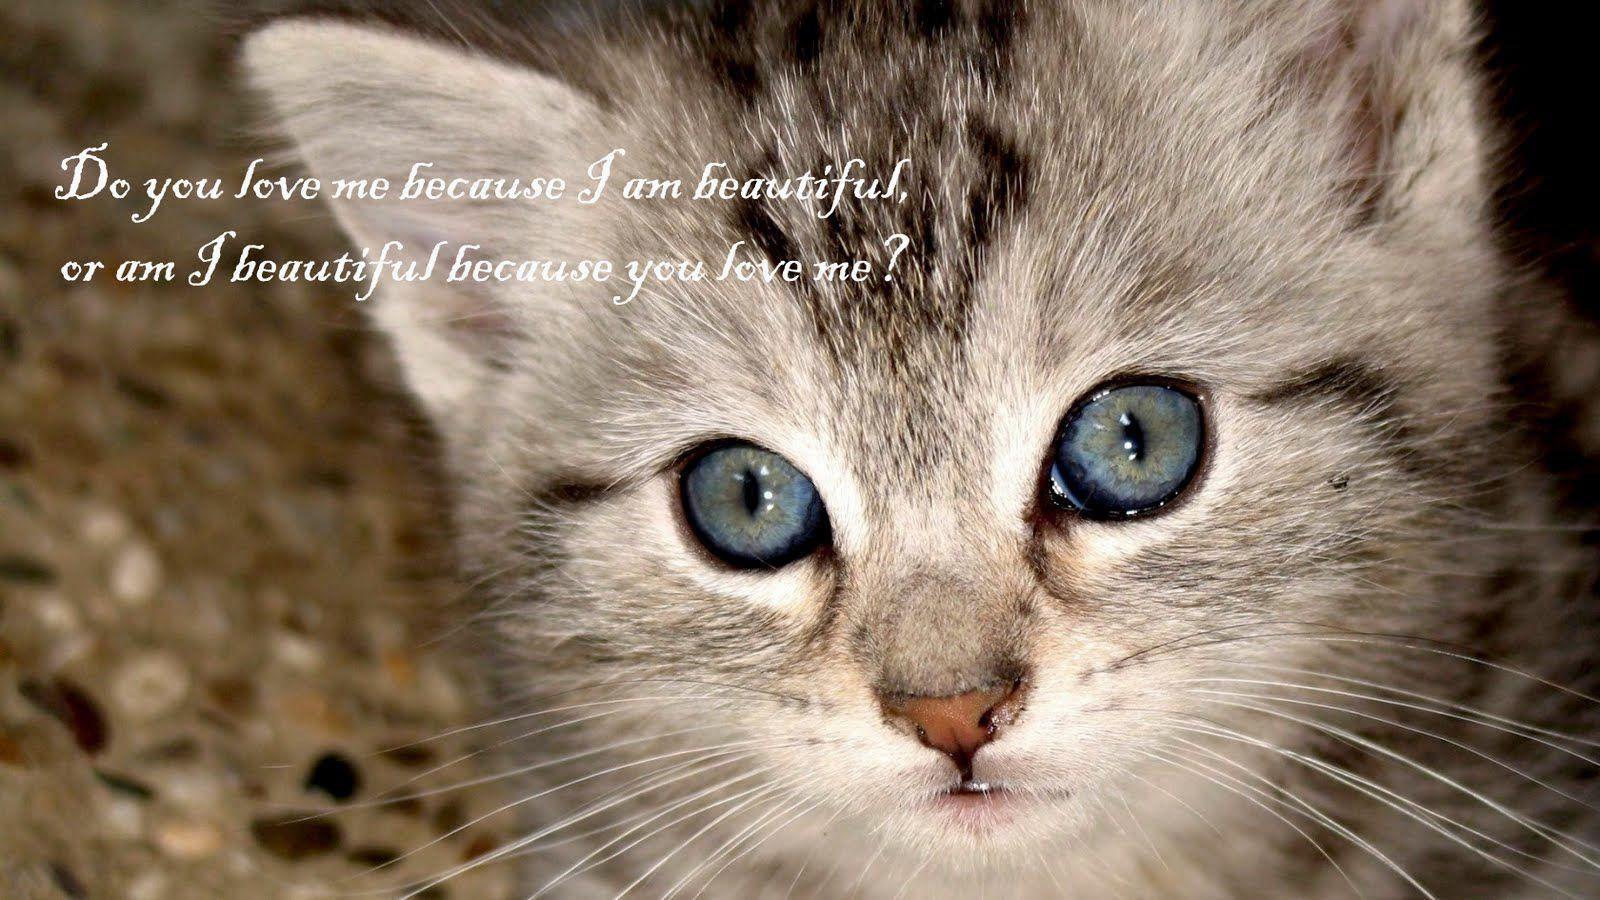 Pin Caitlin Hannah Cat Aesthetic Cat Wallpaper Cute Cat Wallpaper